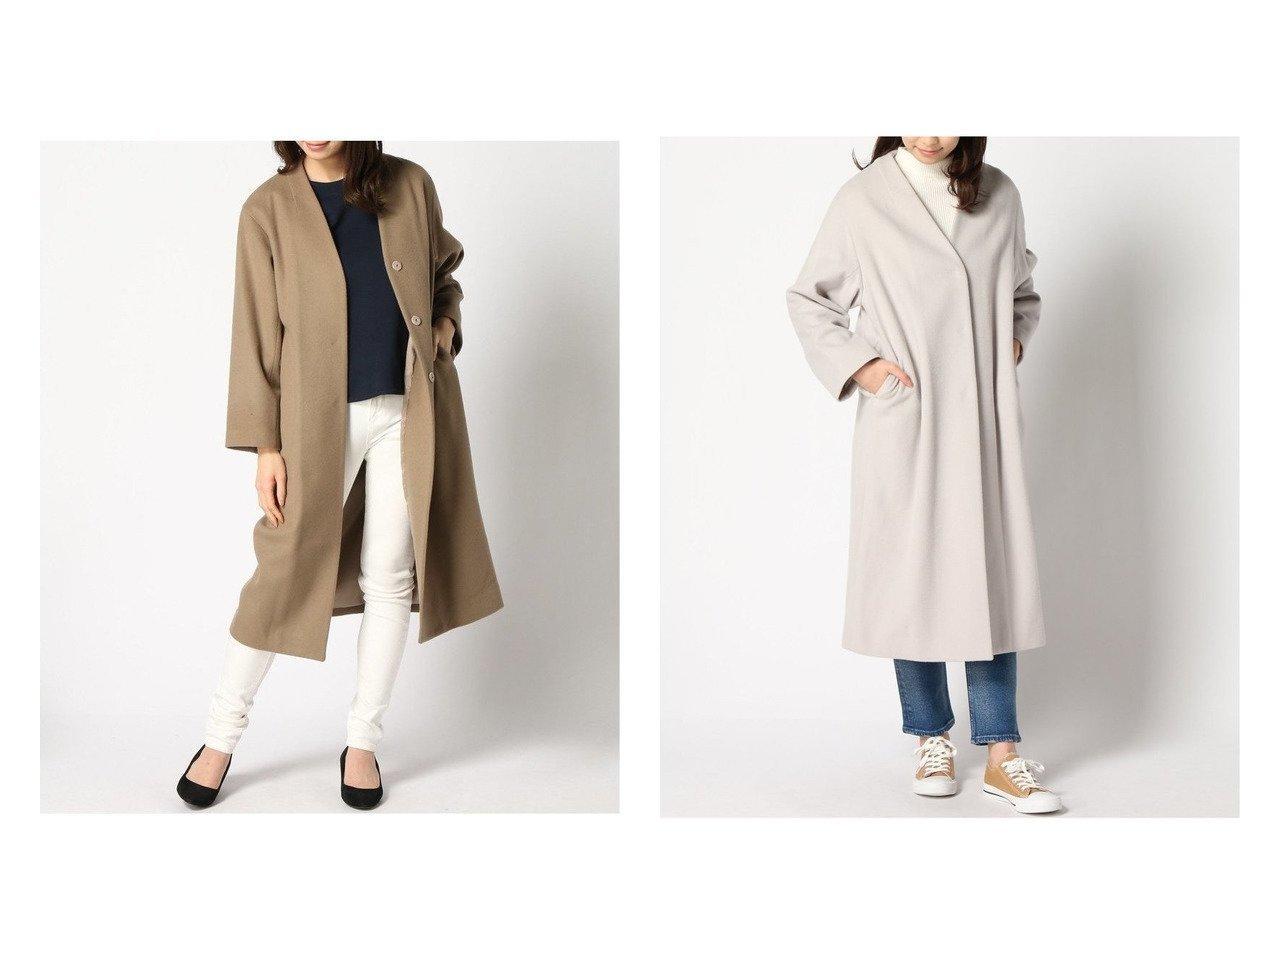 【JOURNAL STANDARD relume/ジャーナルスタンダード レリューム】のBISHU ノーカラー COAT JOURNAL STANDARDのおすすめ!人気、トレンド・レディースファッションの通販  おすすめで人気の流行・トレンド、ファッションの通販商品 メンズファッション・キッズファッション・インテリア・家具・レディースファッション・服の通販 founy(ファニー) https://founy.com/ ファッション Fashion レディースファッション WOMEN アウター Coat Outerwear コート Coats ジャケット Jackets ノーカラージャケット No Collar Leather Jackets イレギュラー インナー シンプル ジャケット A/W 秋冬 AW Autumn/Winter / FW Fall-Winter 2020年 2020 2020-2021 秋冬 A/W AW Autumn/Winter / FW Fall-Winter 2020-2021 NEW・新作・新着・新入荷 New Arrivals |ID:crp329100000017518